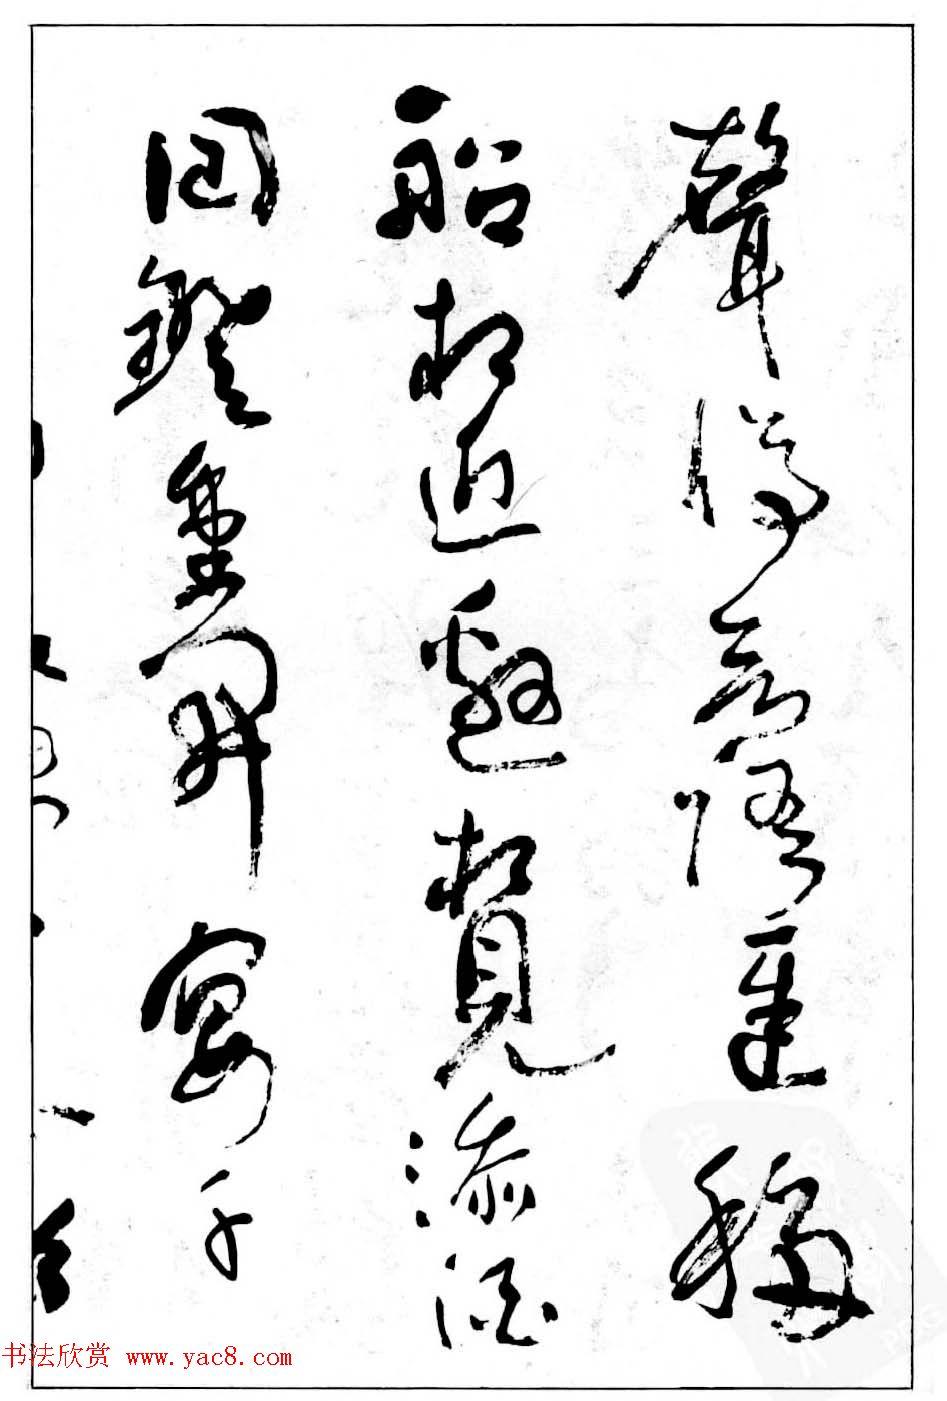 沈鹏行草书法作品《白居易琵琶行》